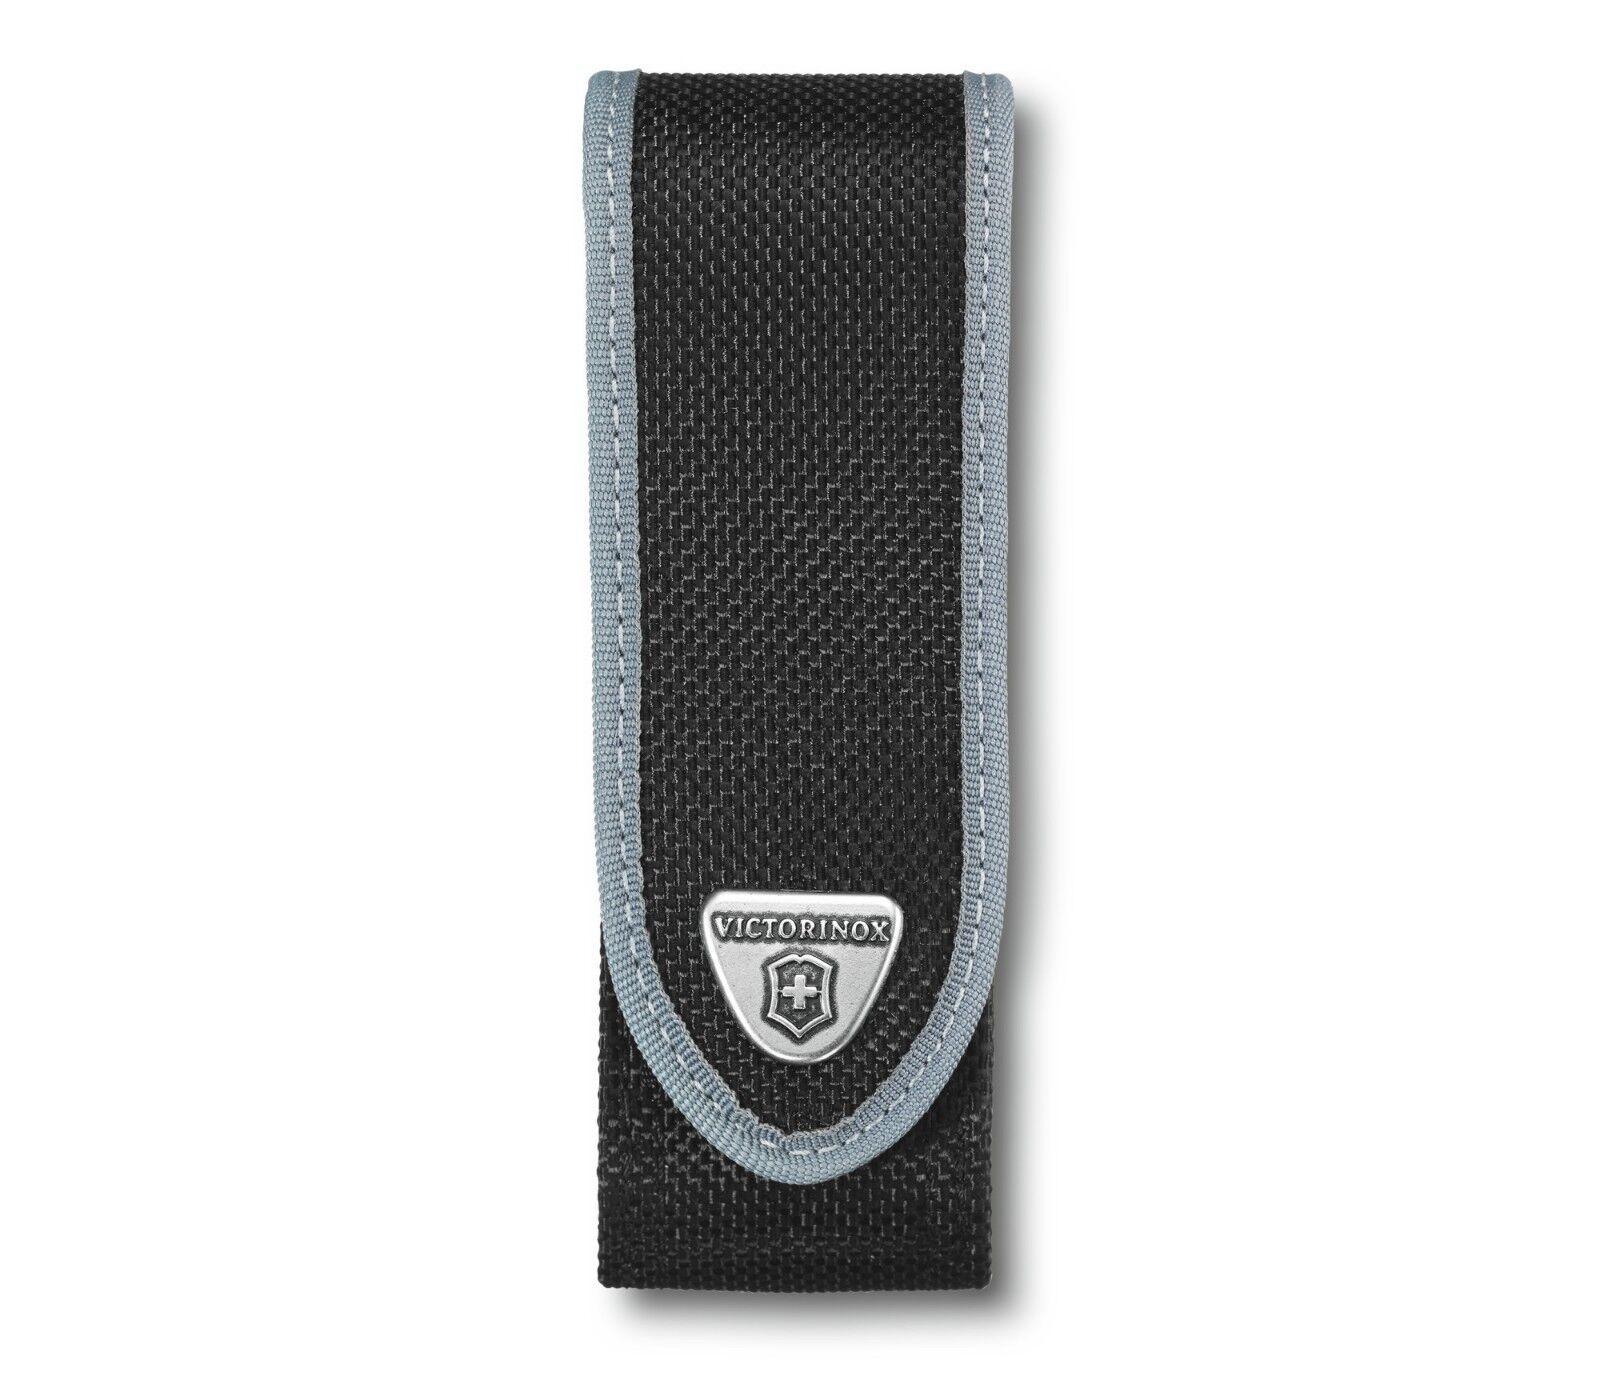 Victorinox Taschenmesser neu Taschenwerkzeug Werkzeug SwissTool BS 3.0323.3CN neu Taschenmesser 597758